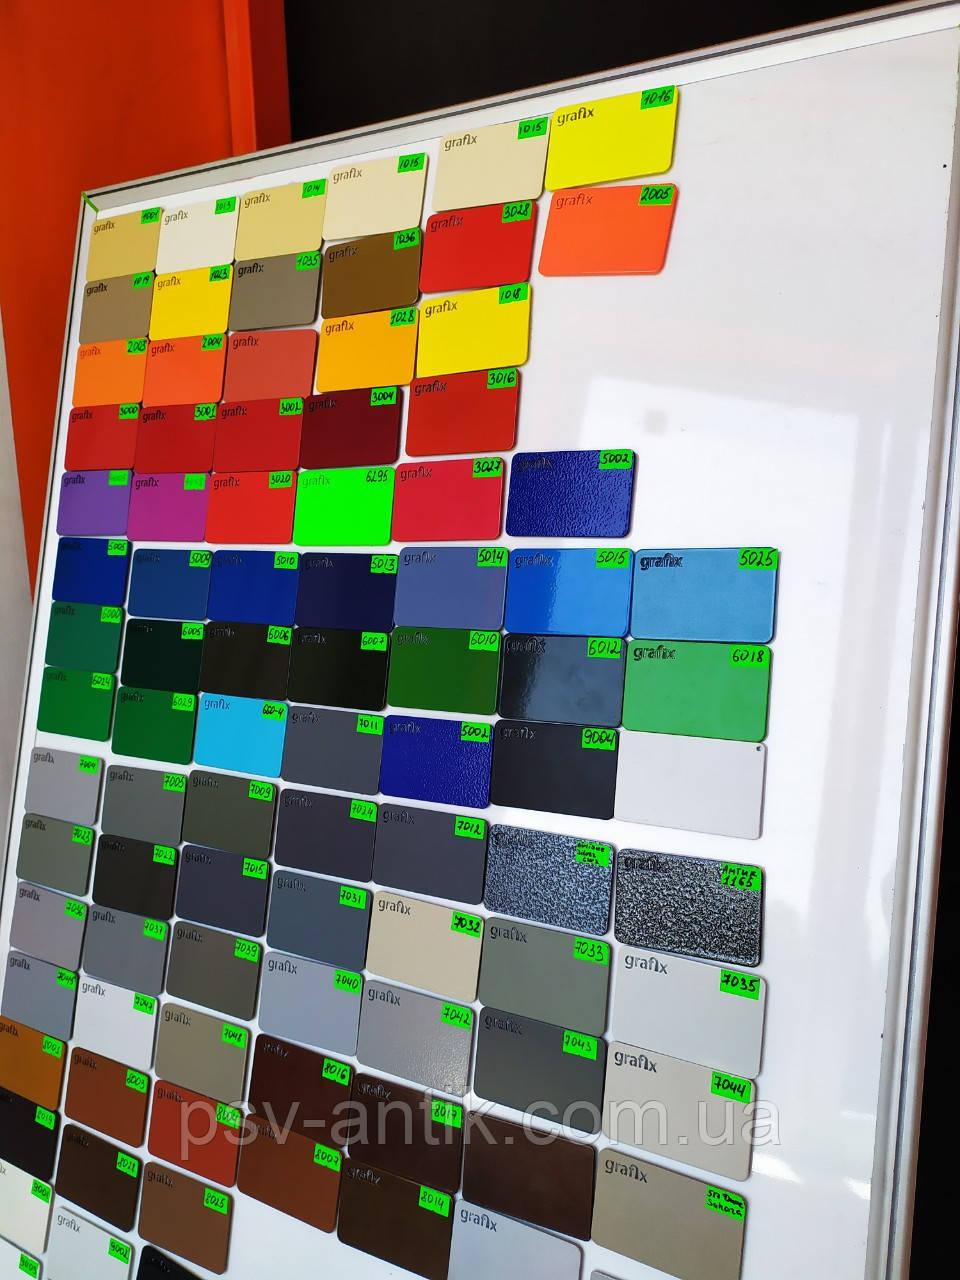 Порошковая краска матовая, полиэфирная, архитектурная, 7042